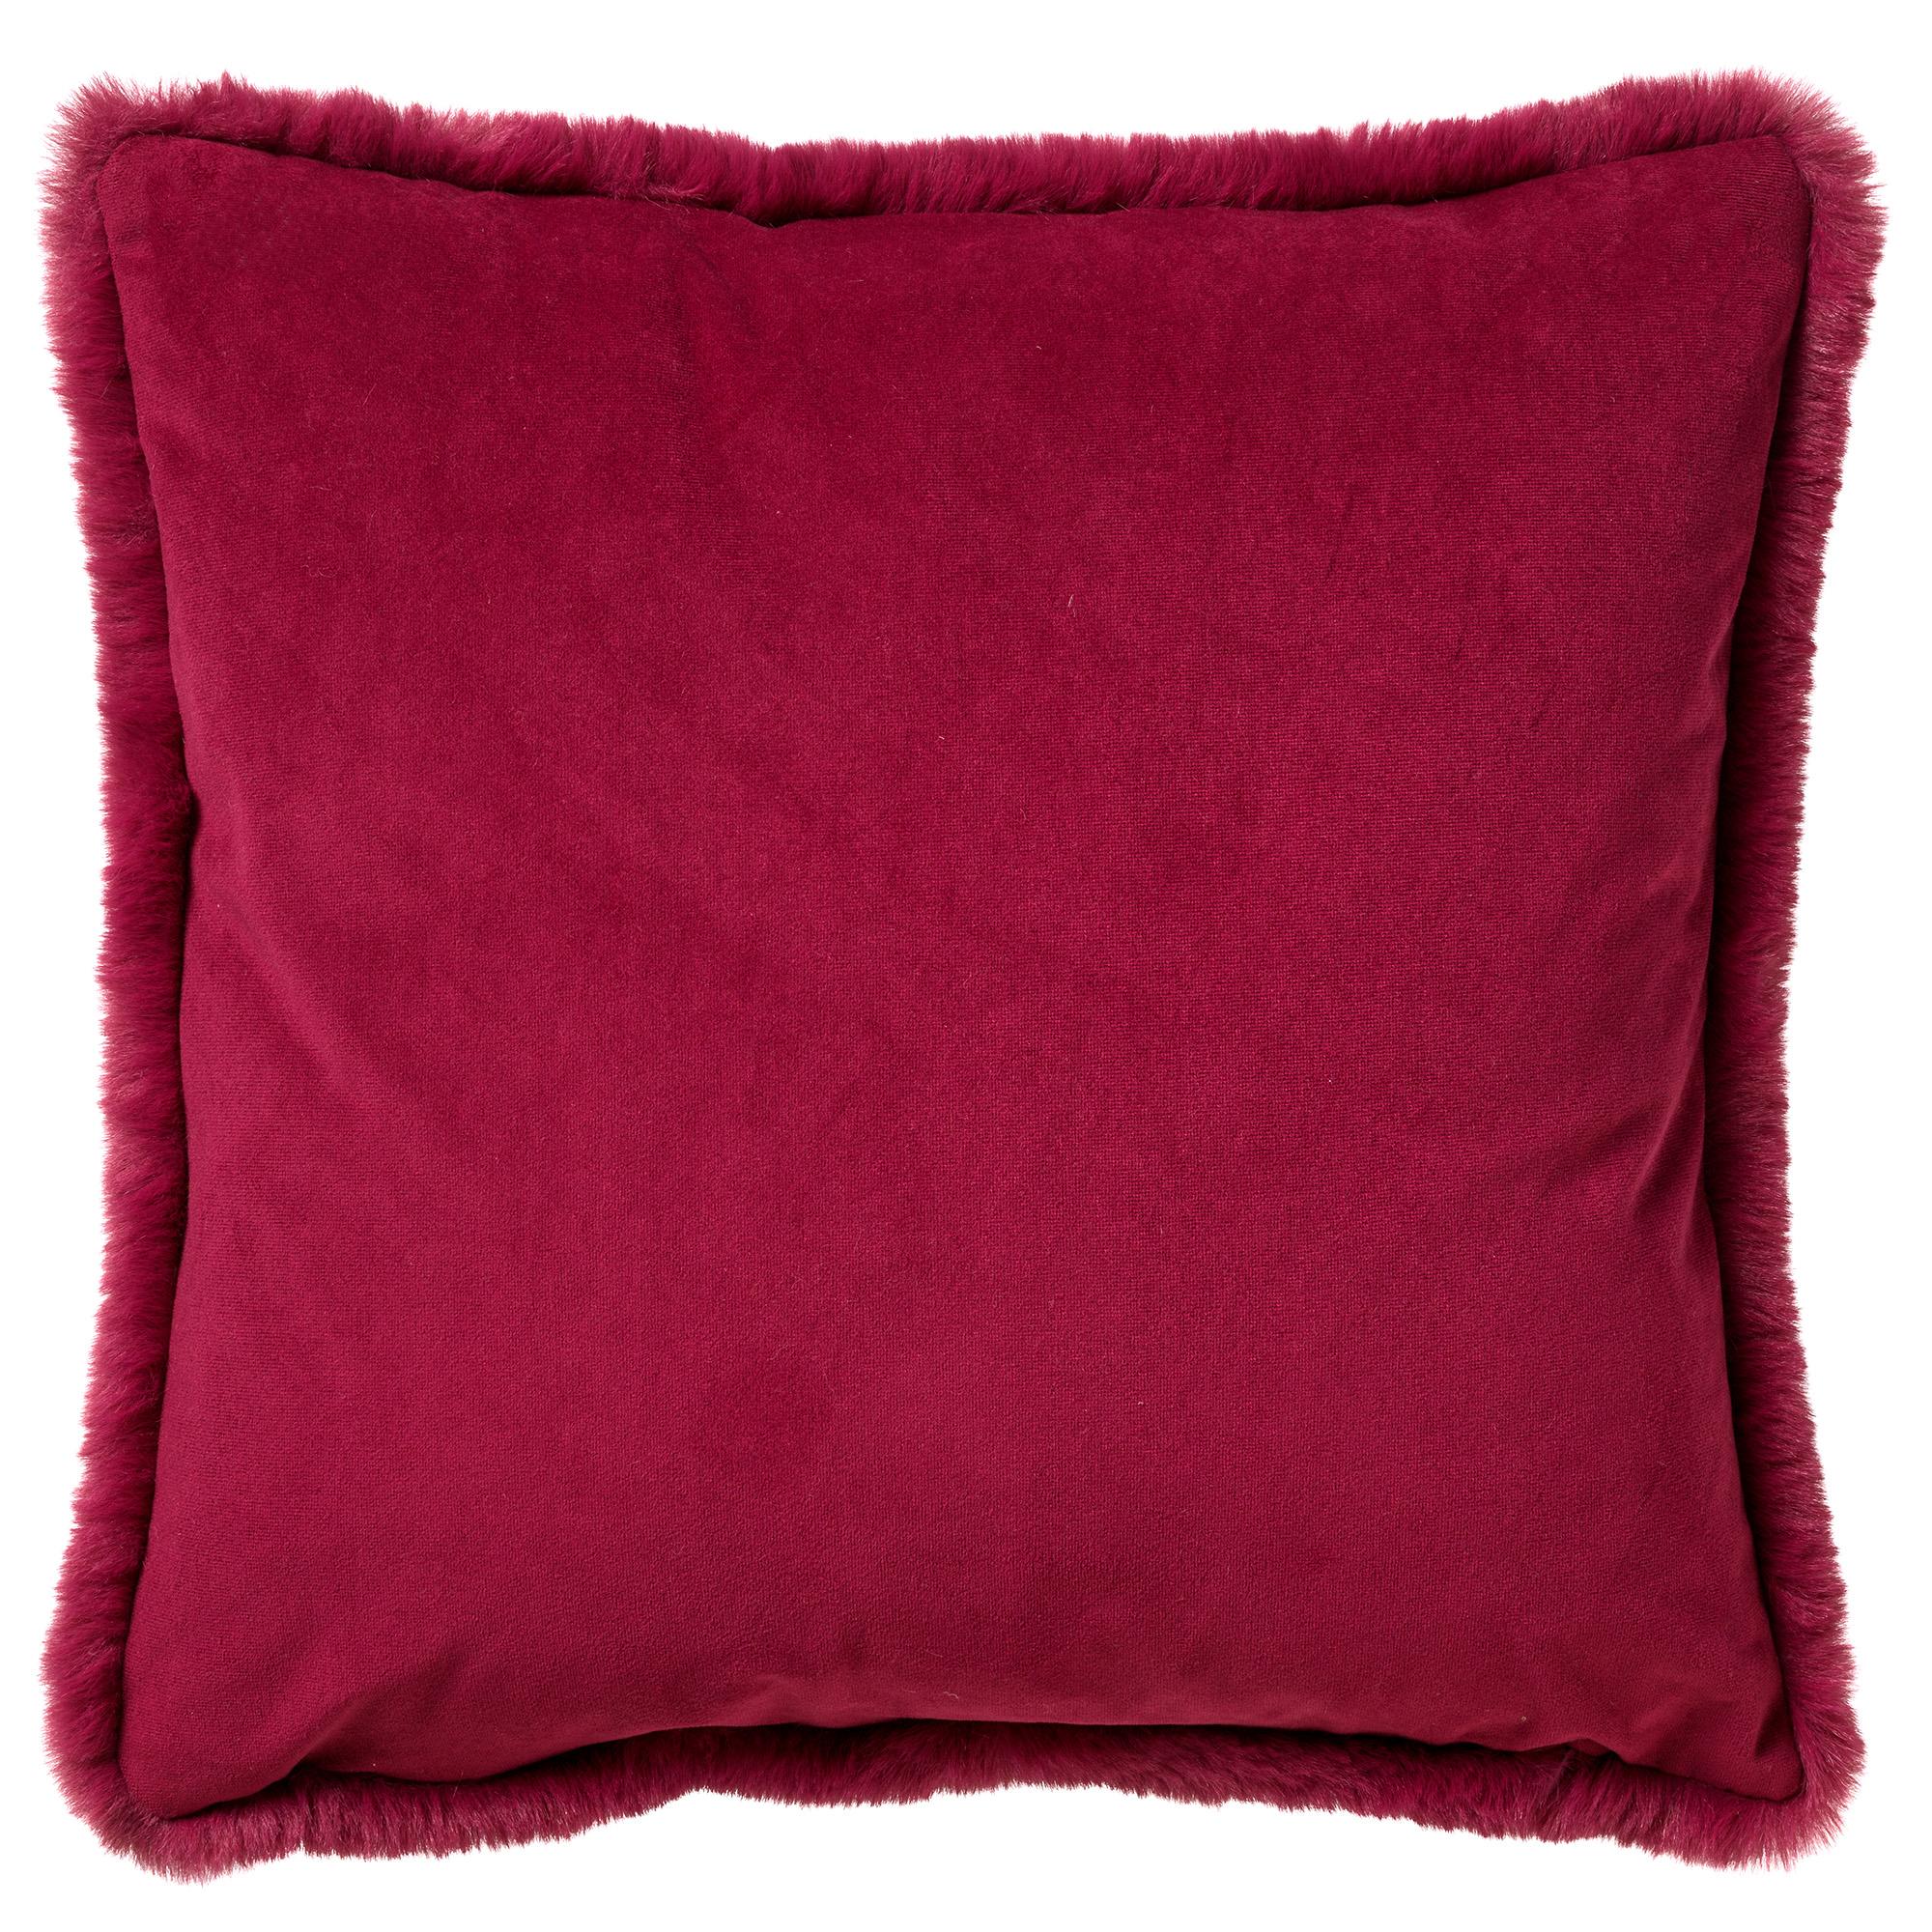 ZAYA - Sierkussen met imitatiebont Red Plum 45x45 cm